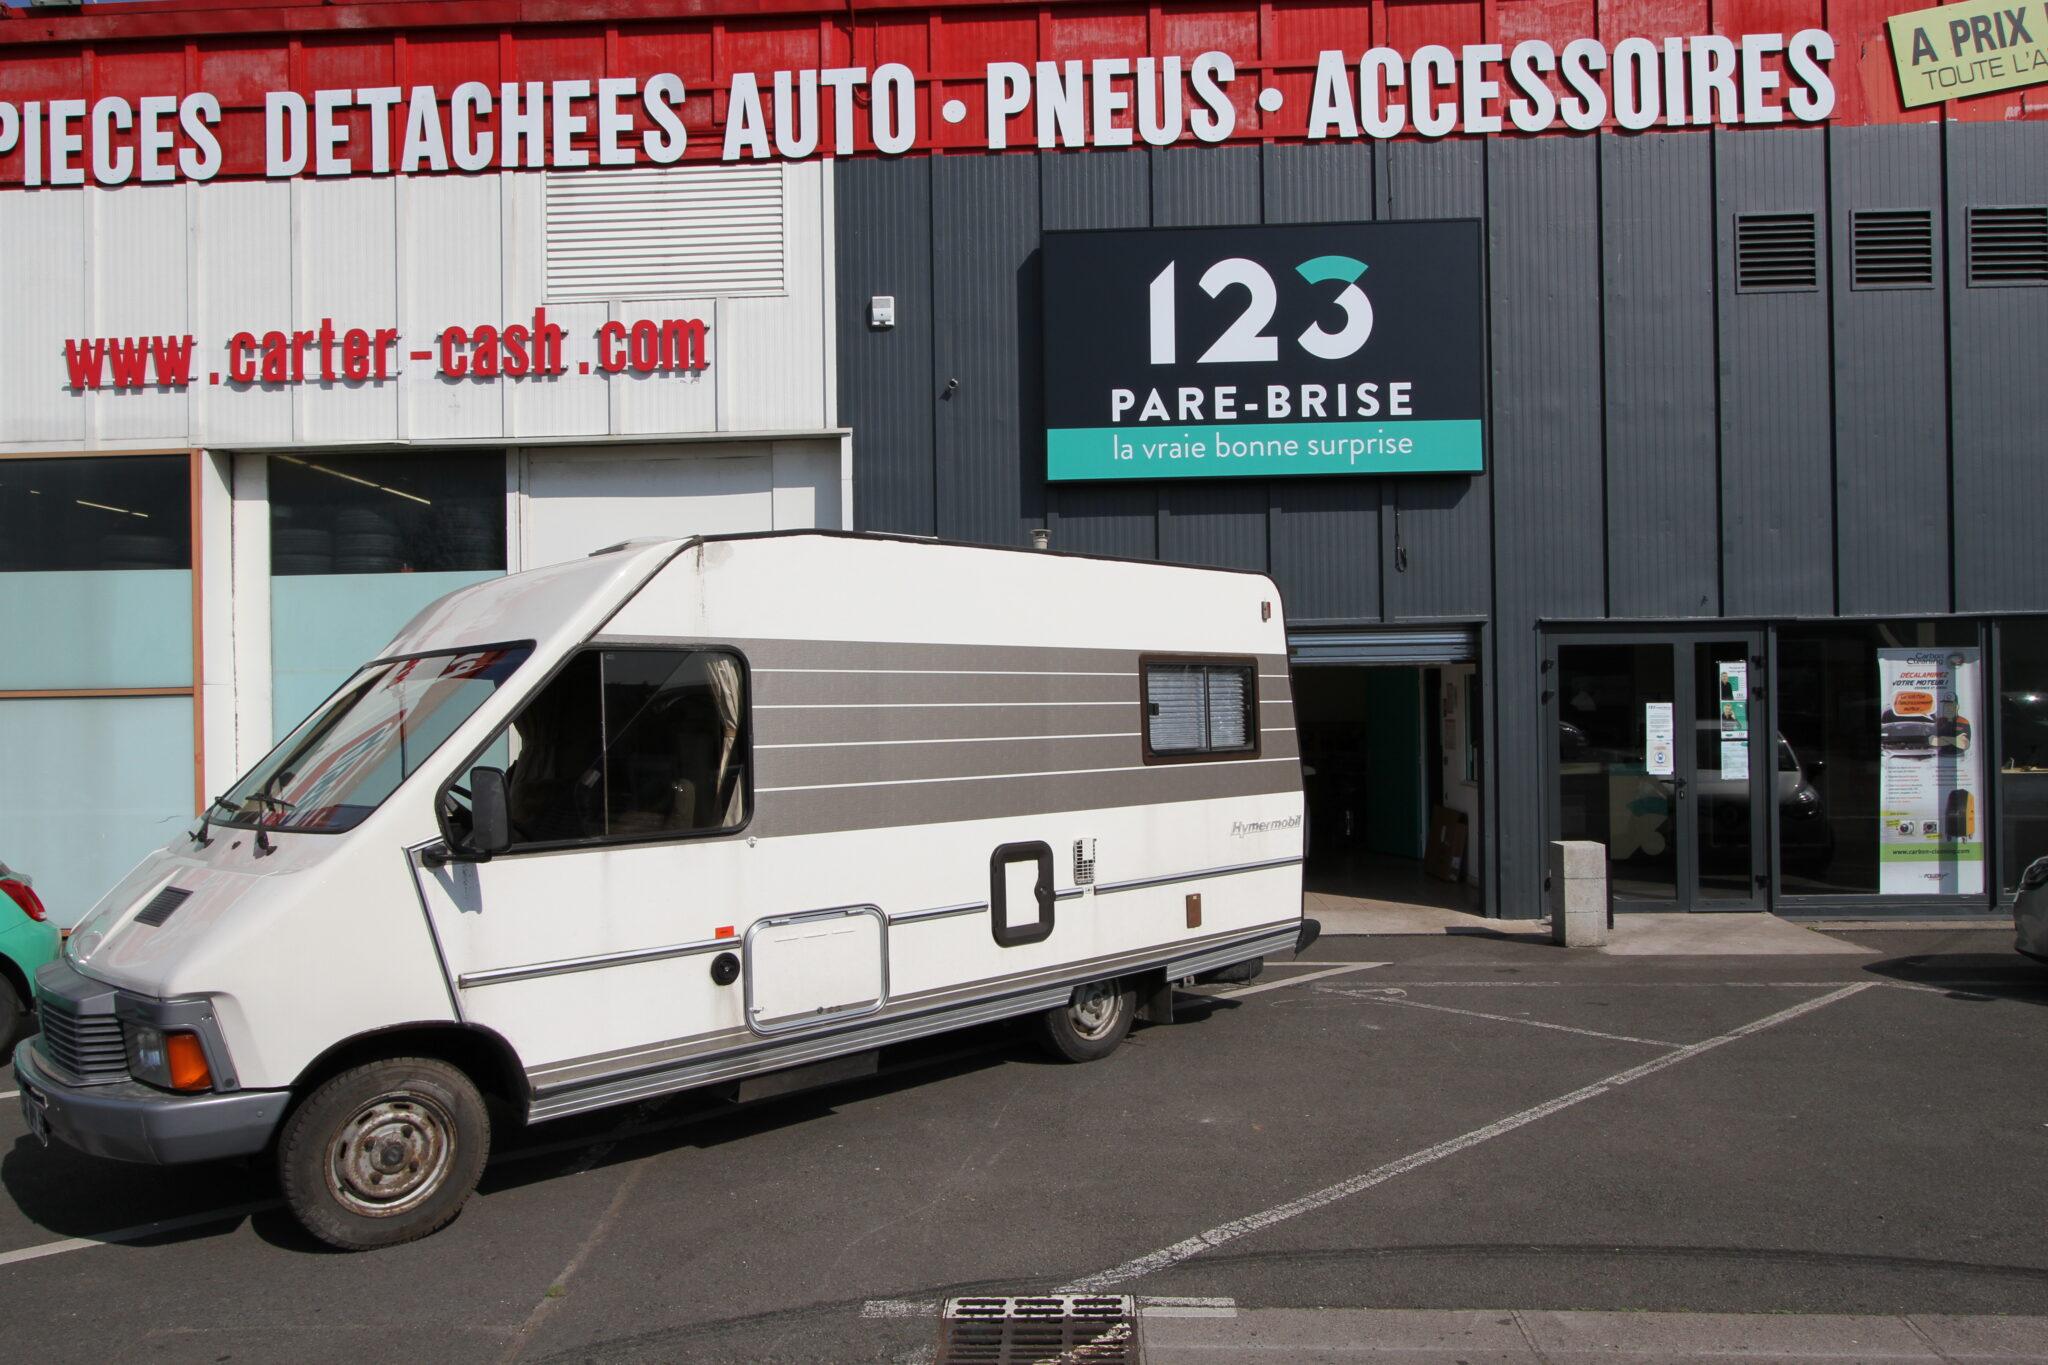 Remplacement du pare-brise d'un camping-car dans notre agence 123 Pare-Brise à Lomme.